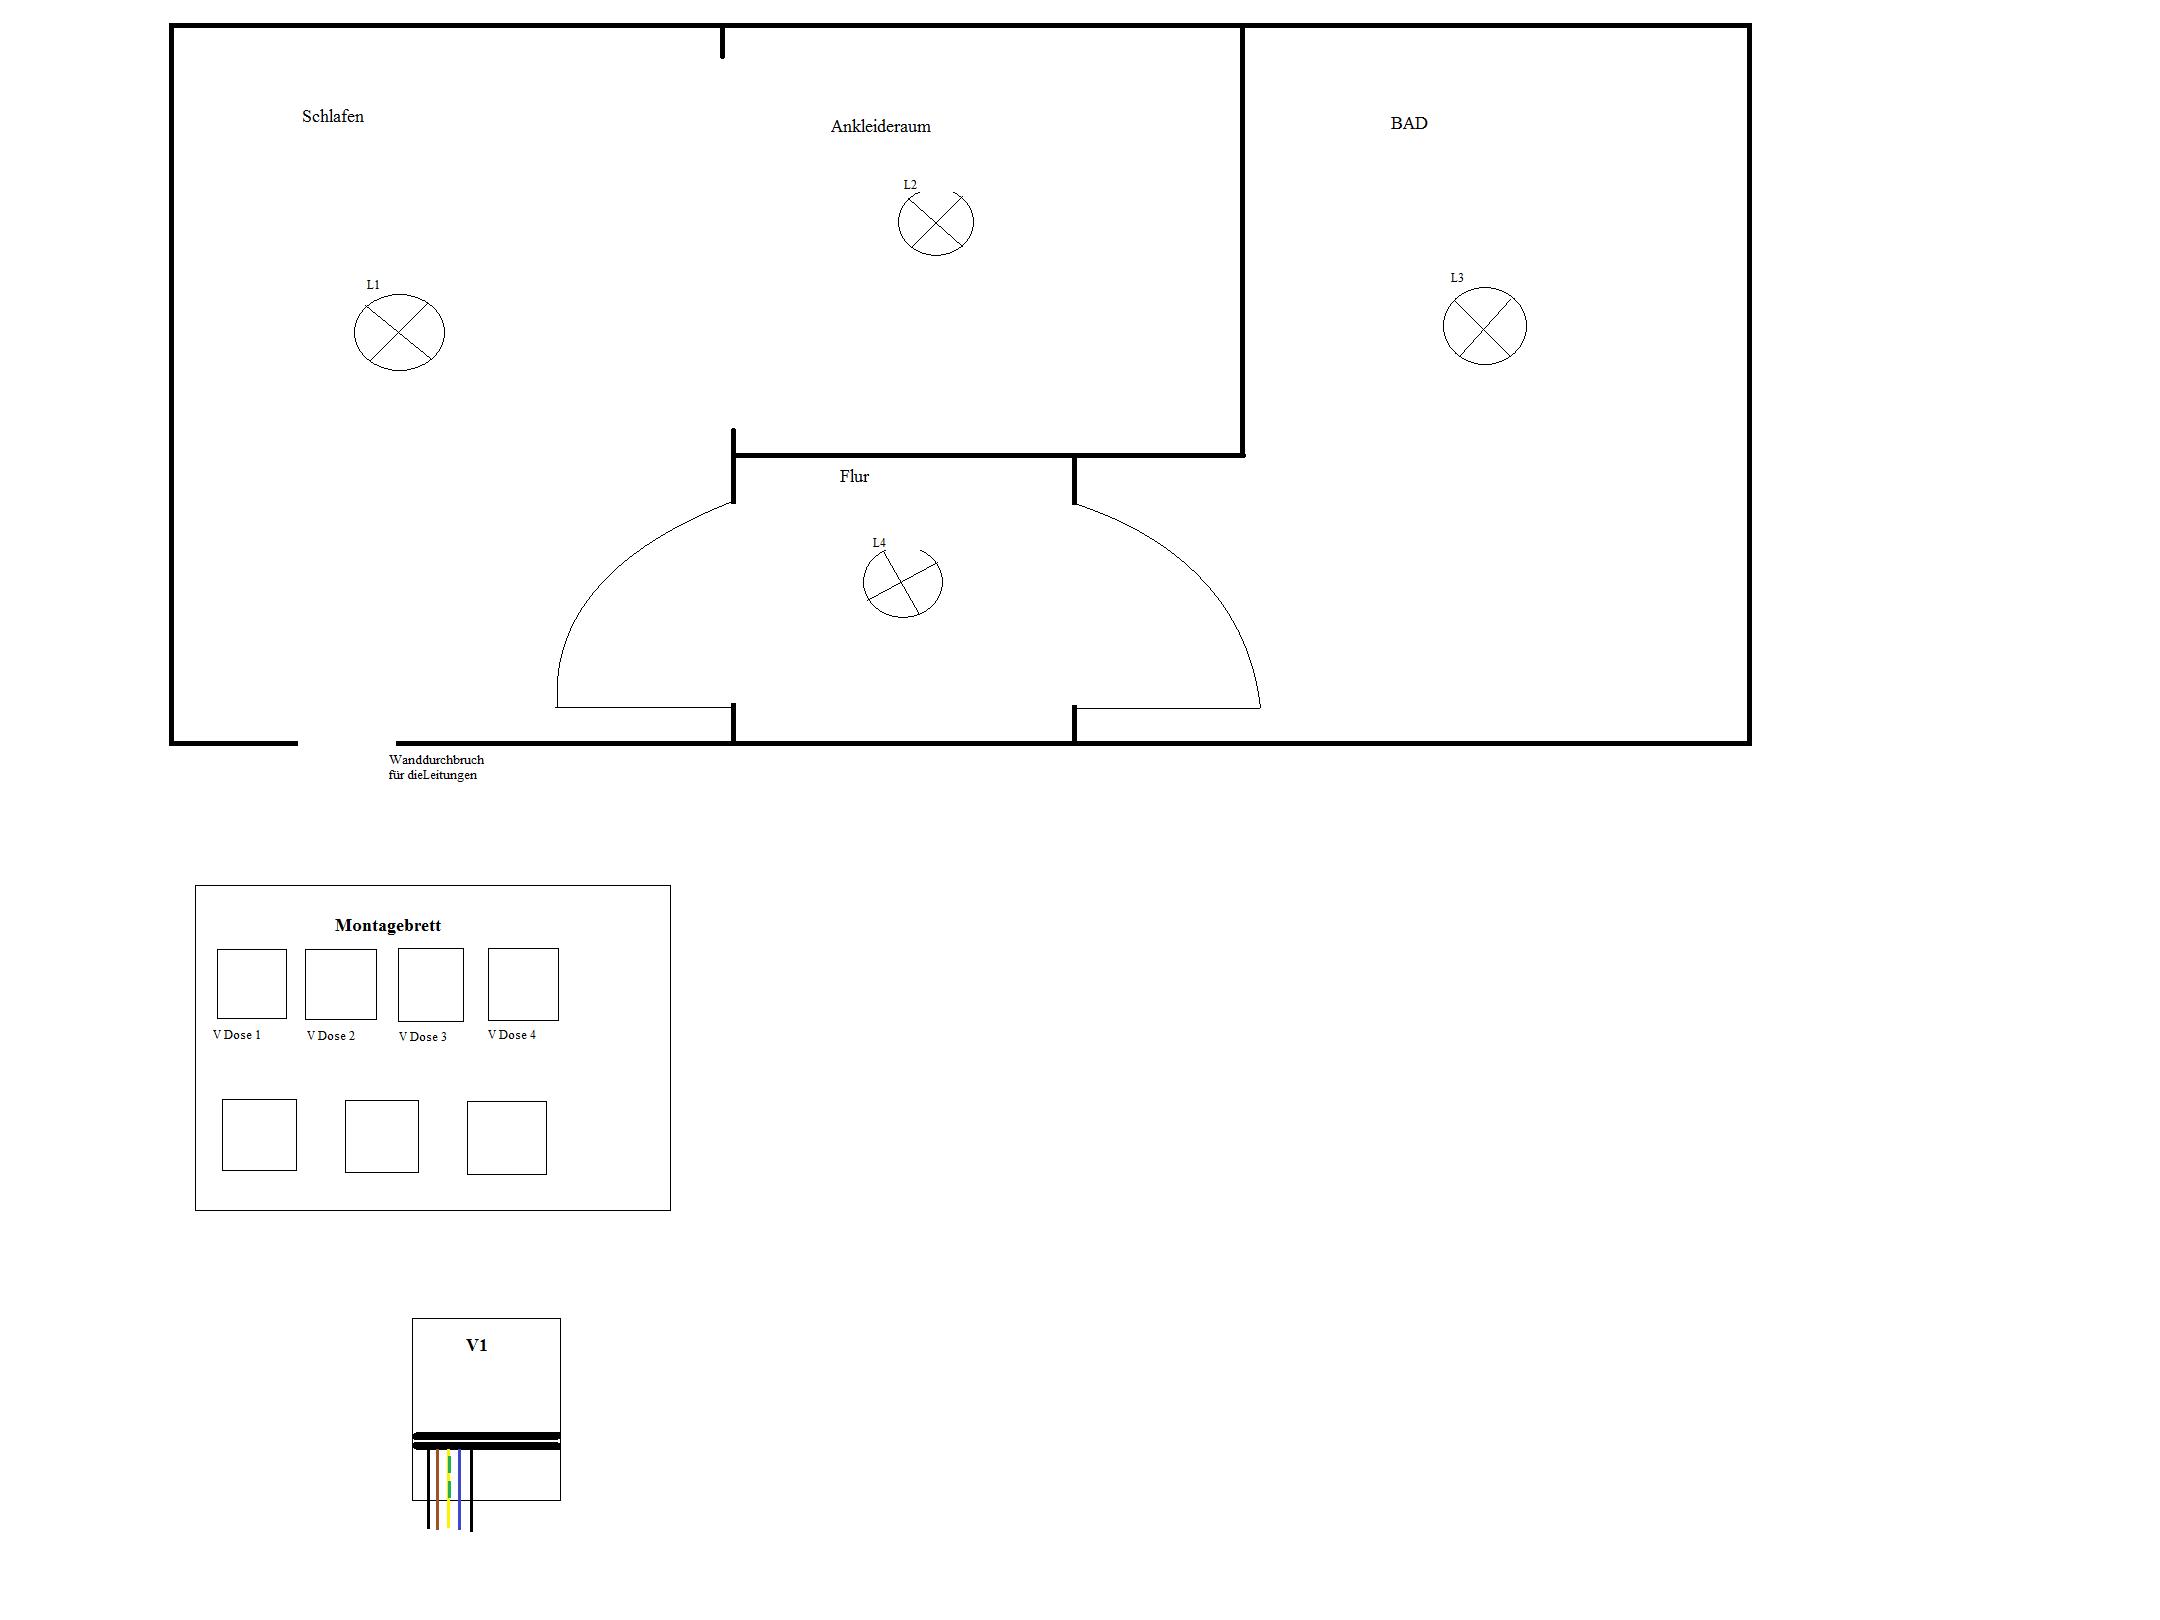 1 raum mit unterteilung 4 lampen und 4 schalter wie verlege ich die kabel f r lampen und. Black Bedroom Furniture Sets. Home Design Ideas